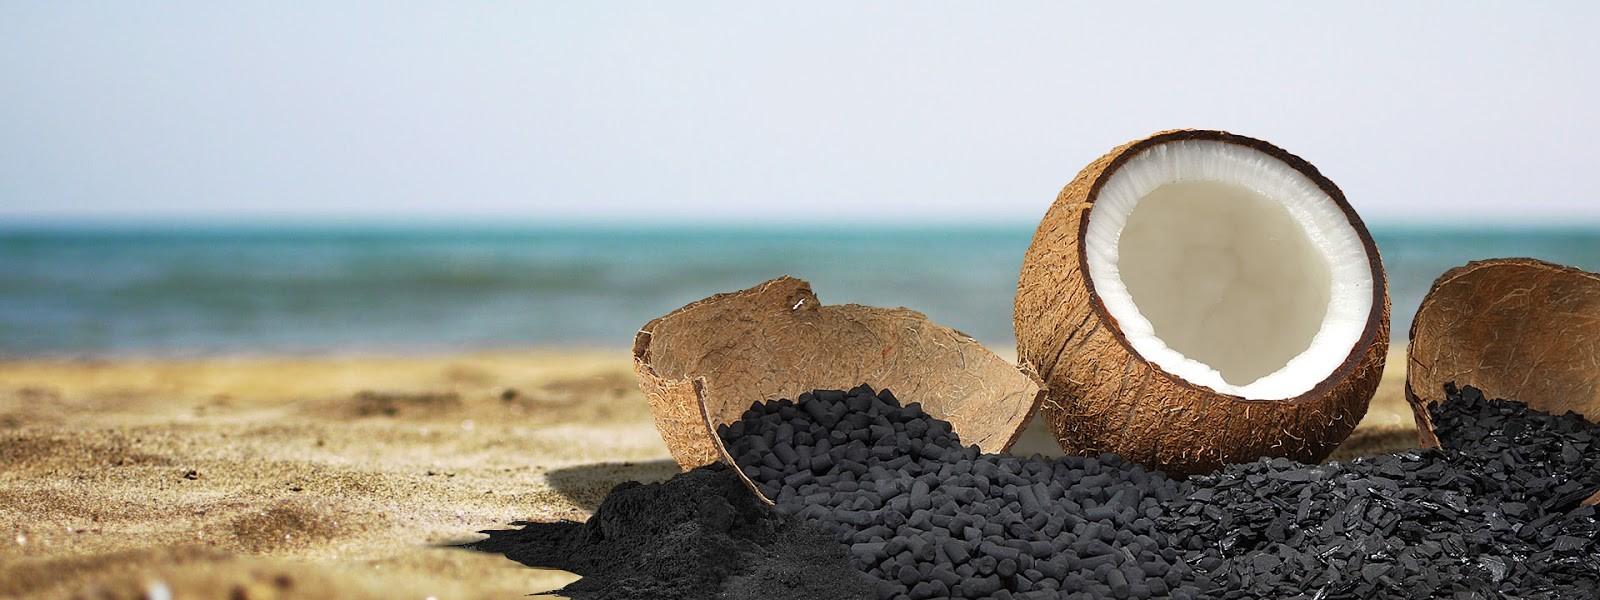 Gáo dừa là nguyên liệu chính để sản xuất than hoạt tính ở nước ta